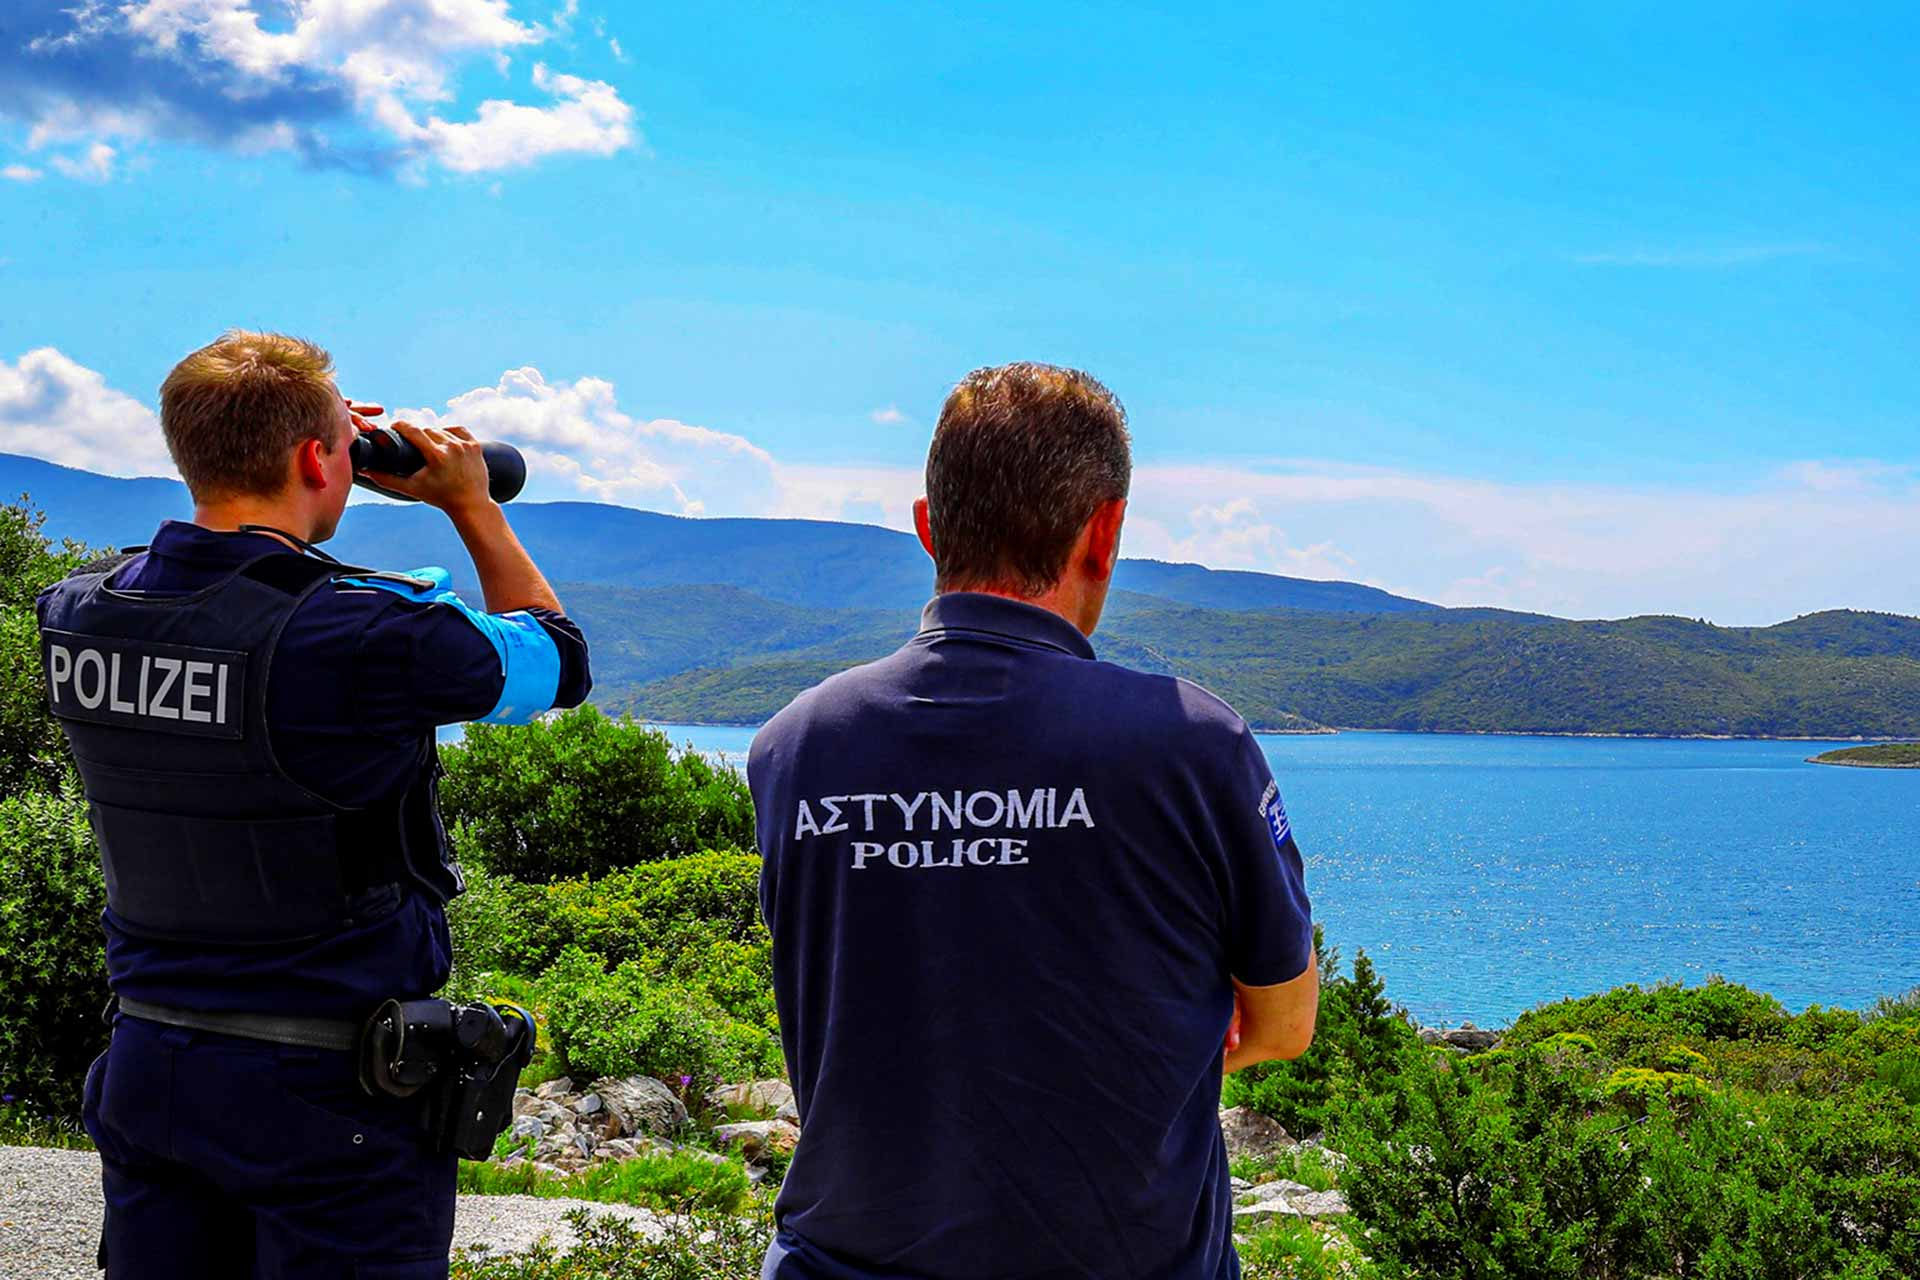 FRONTEX